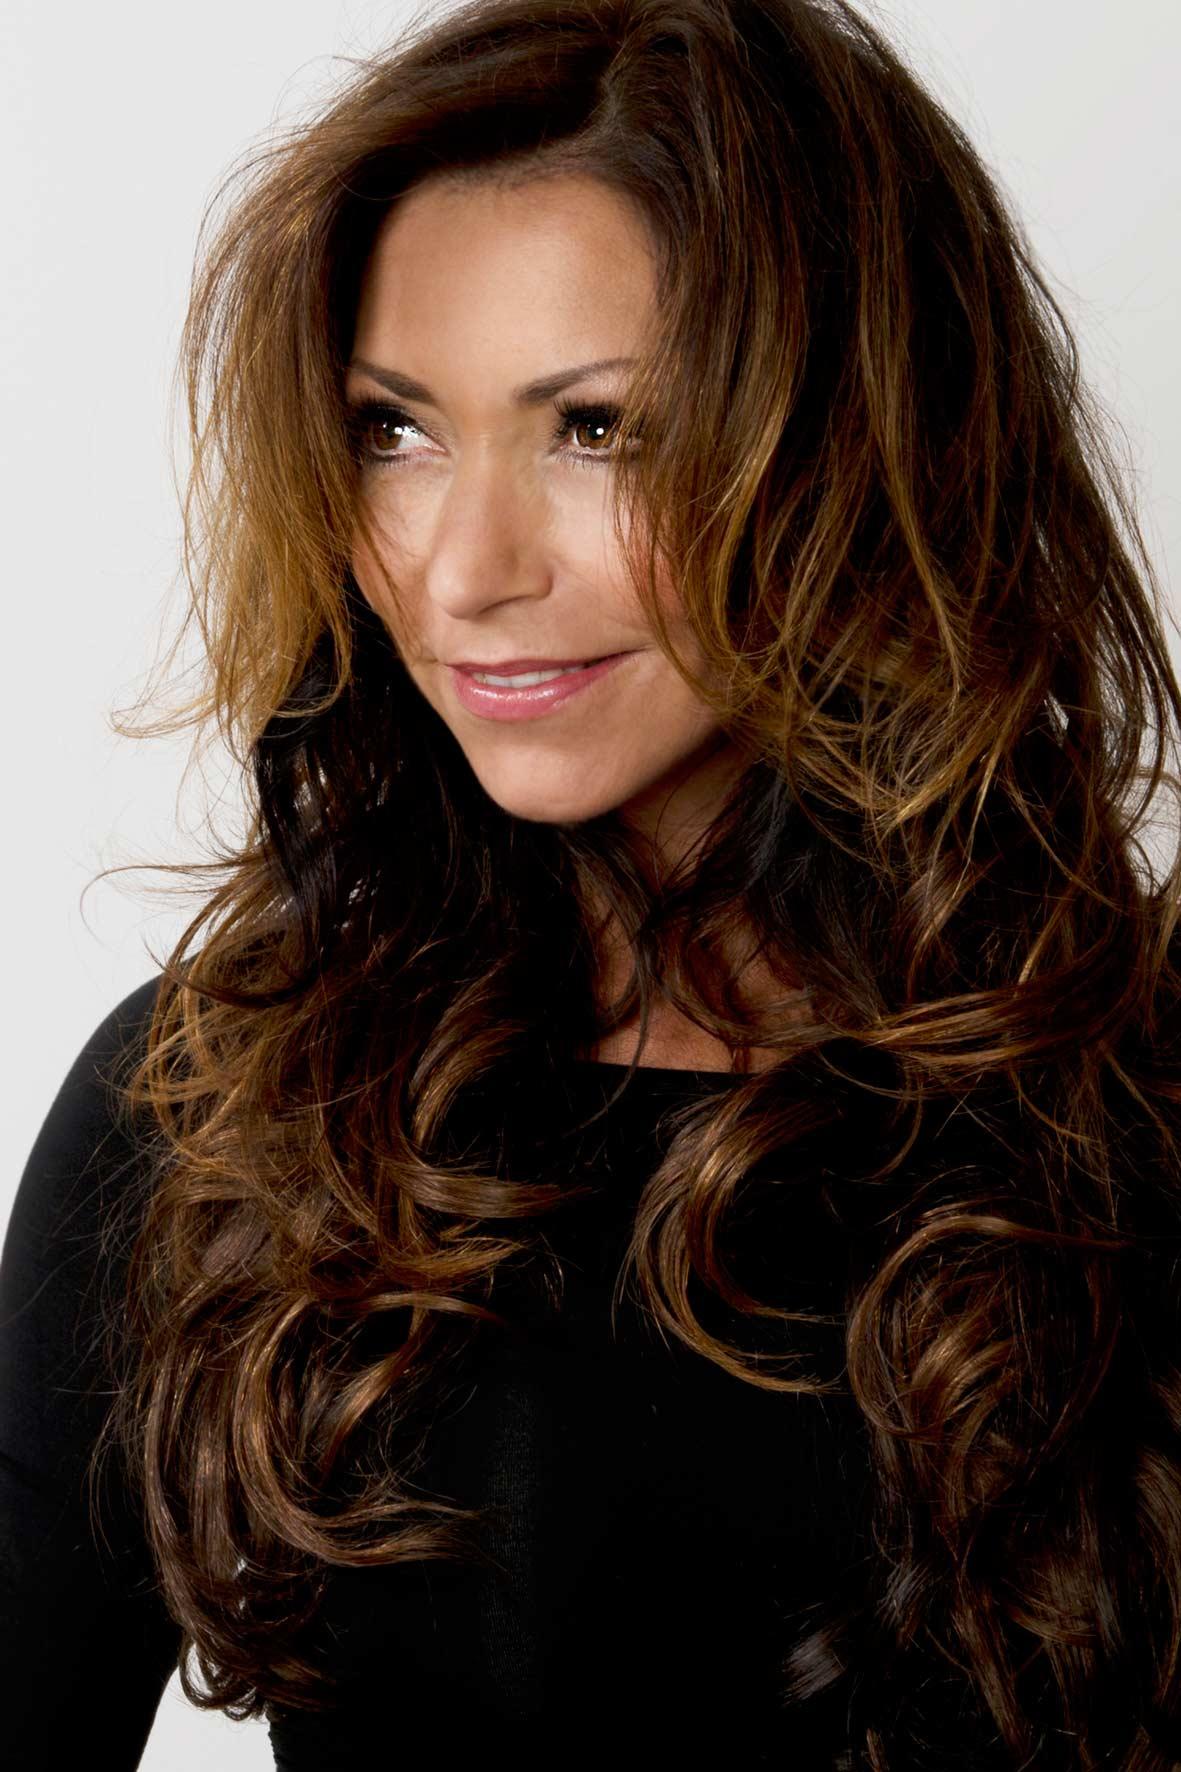 Marielle Bastiaansen